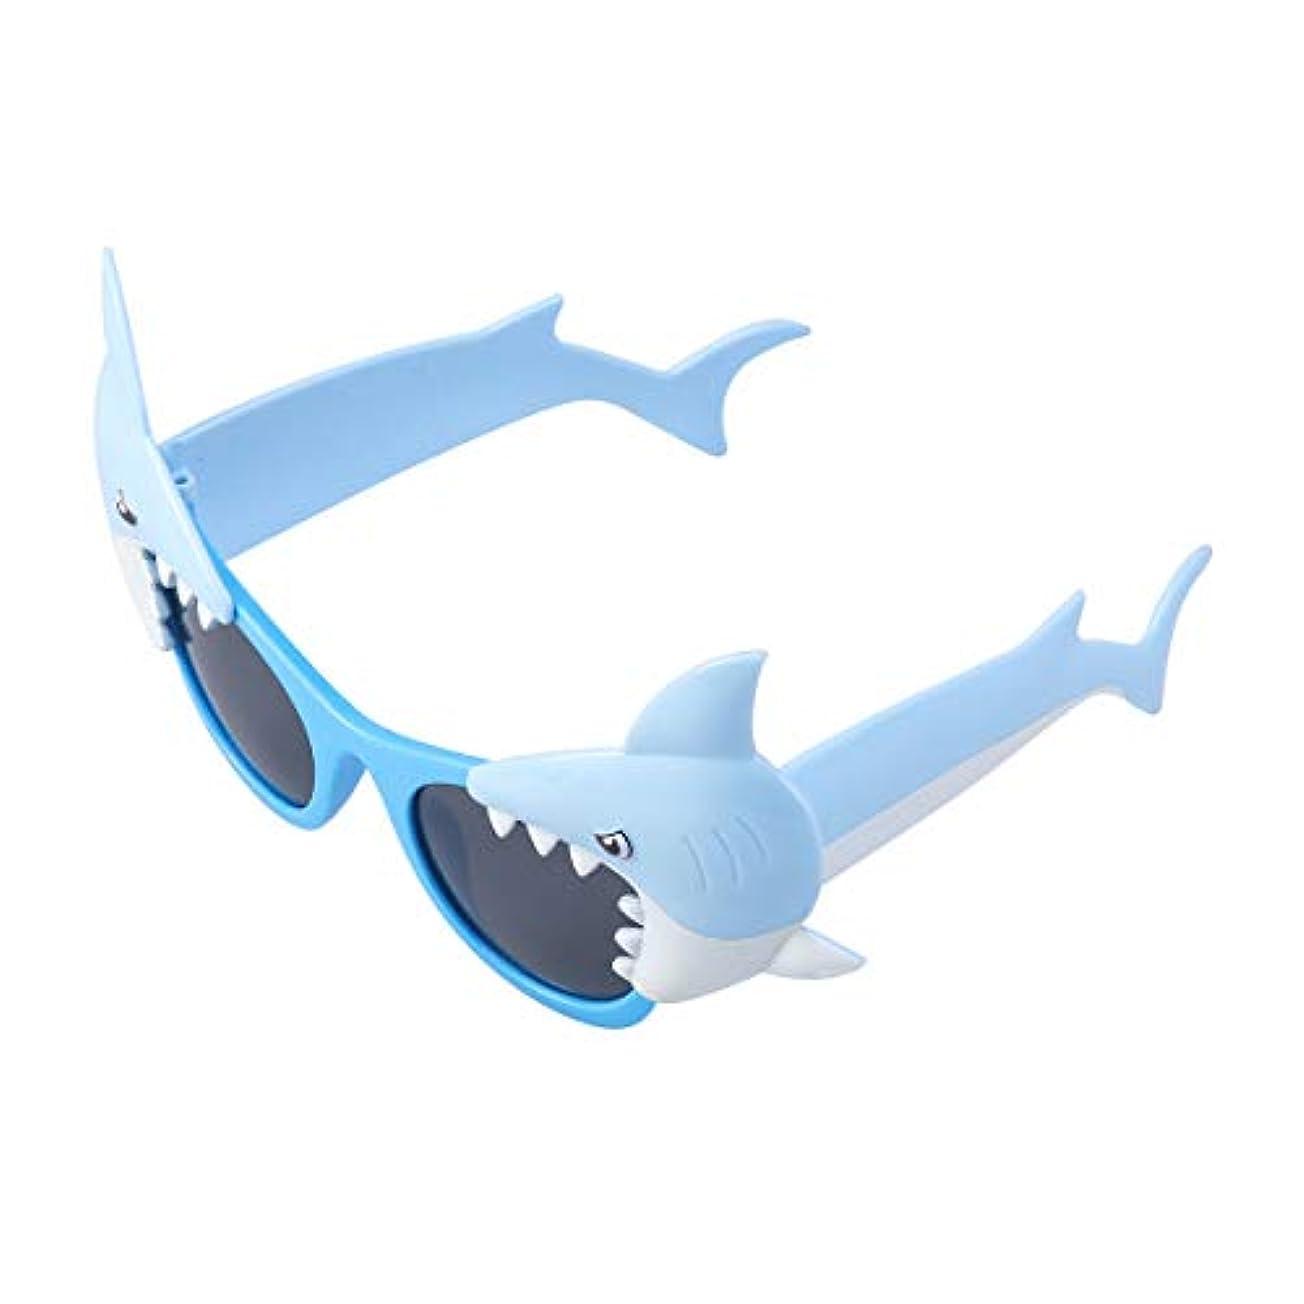 魂等々苦BESTOYARD パーティーサングラスサメの形ノベルティおかしい眼鏡用仮装トリックパーティーコスチューム小道具